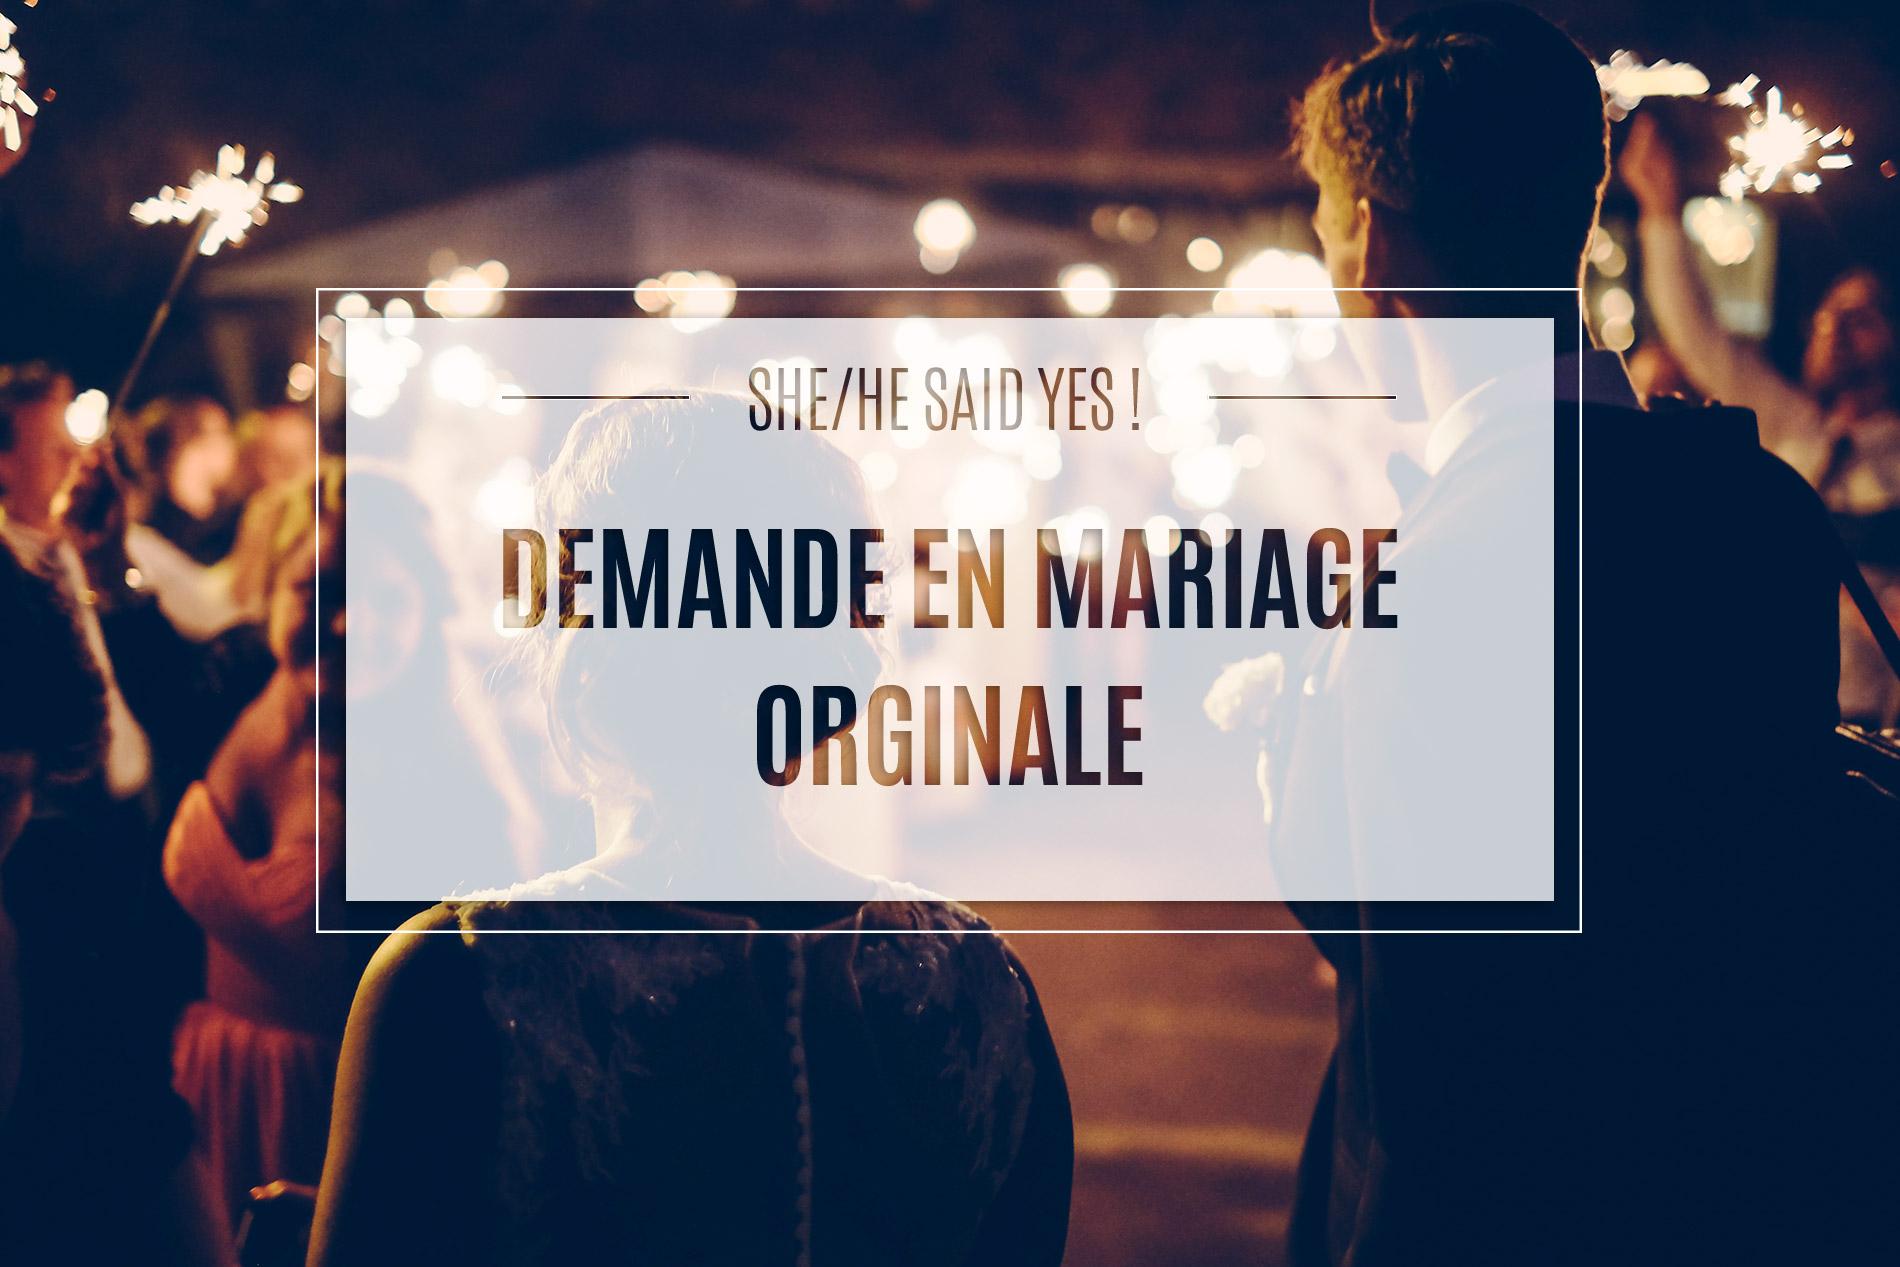 Lyon accueil lyon mariage - Demande en mariage originale par une femme ...